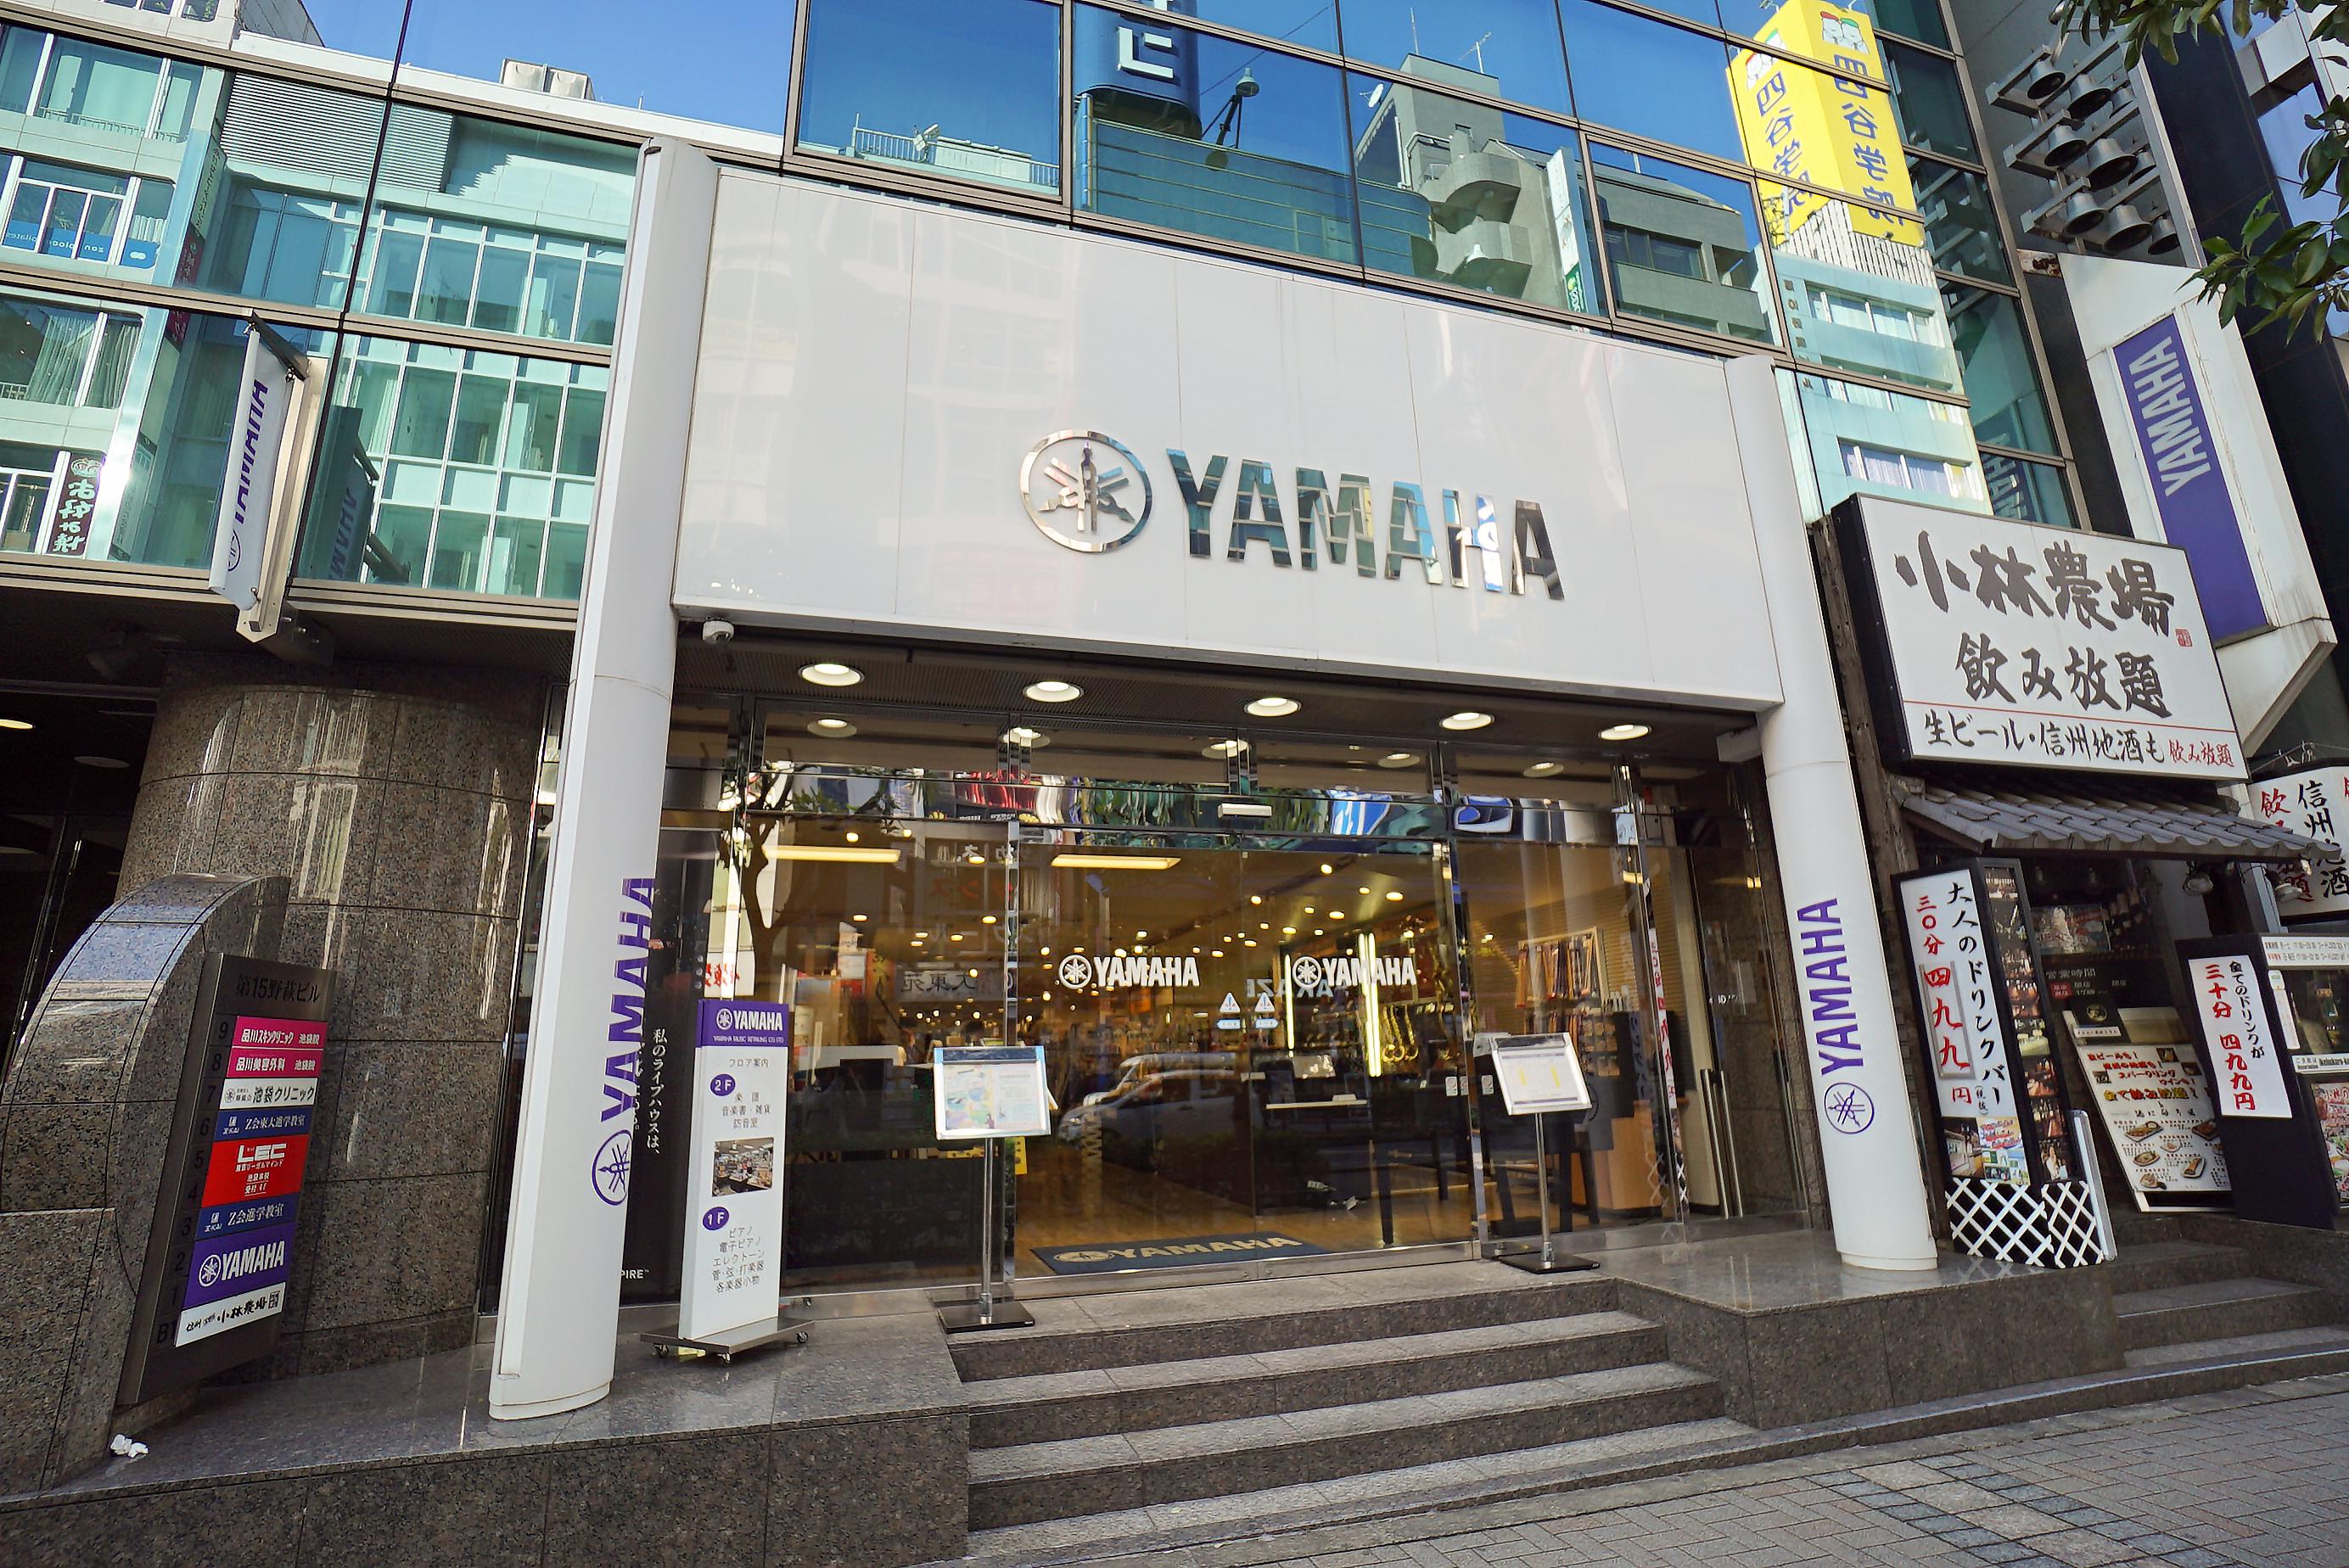 ヤマハミュージック 池袋店